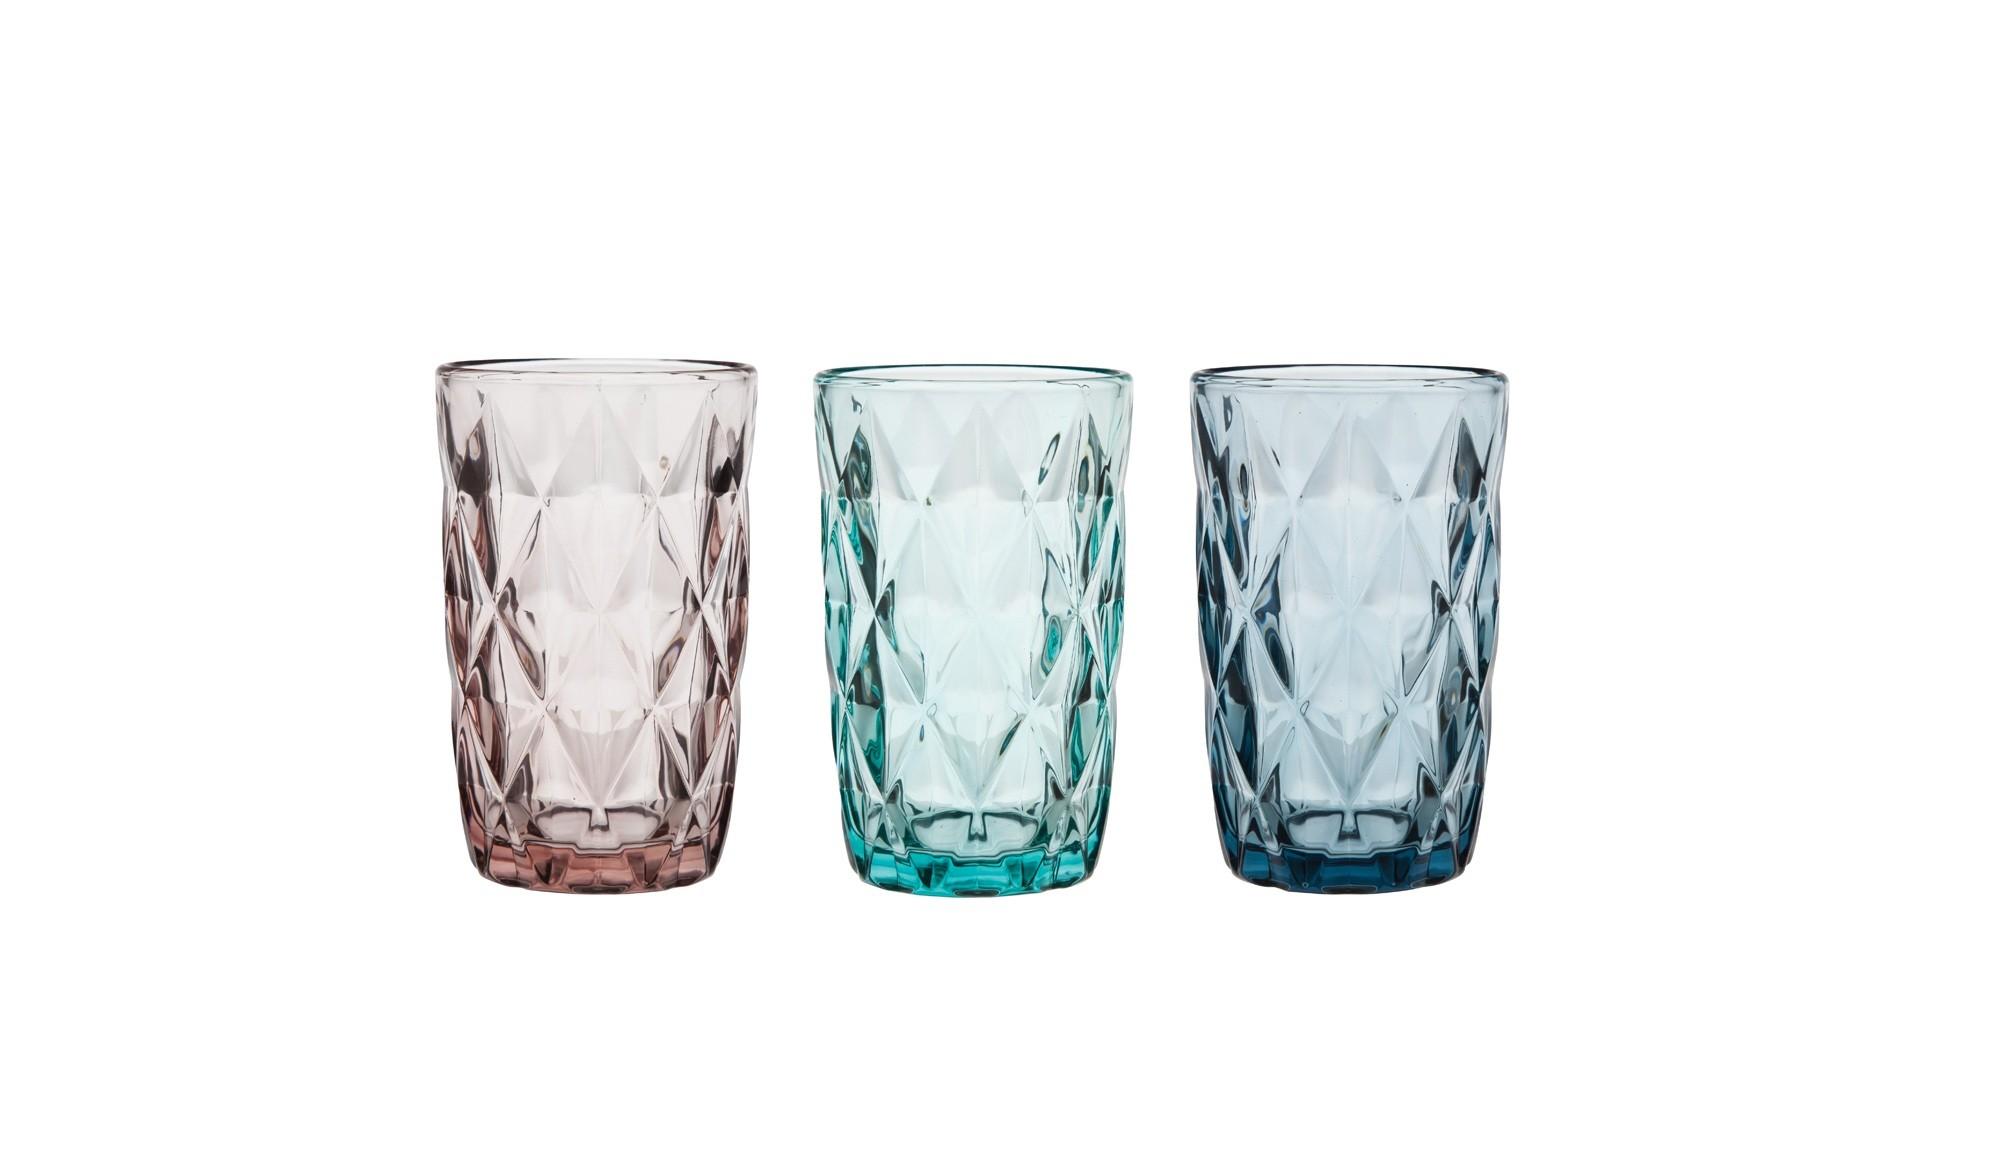 Ποτήρι Νερού - Αναψυκτικού Σετ 6τμχ. Diamond home   ειδη σερβιρισματος   ποτήρια   νερού   αναψυκτικού